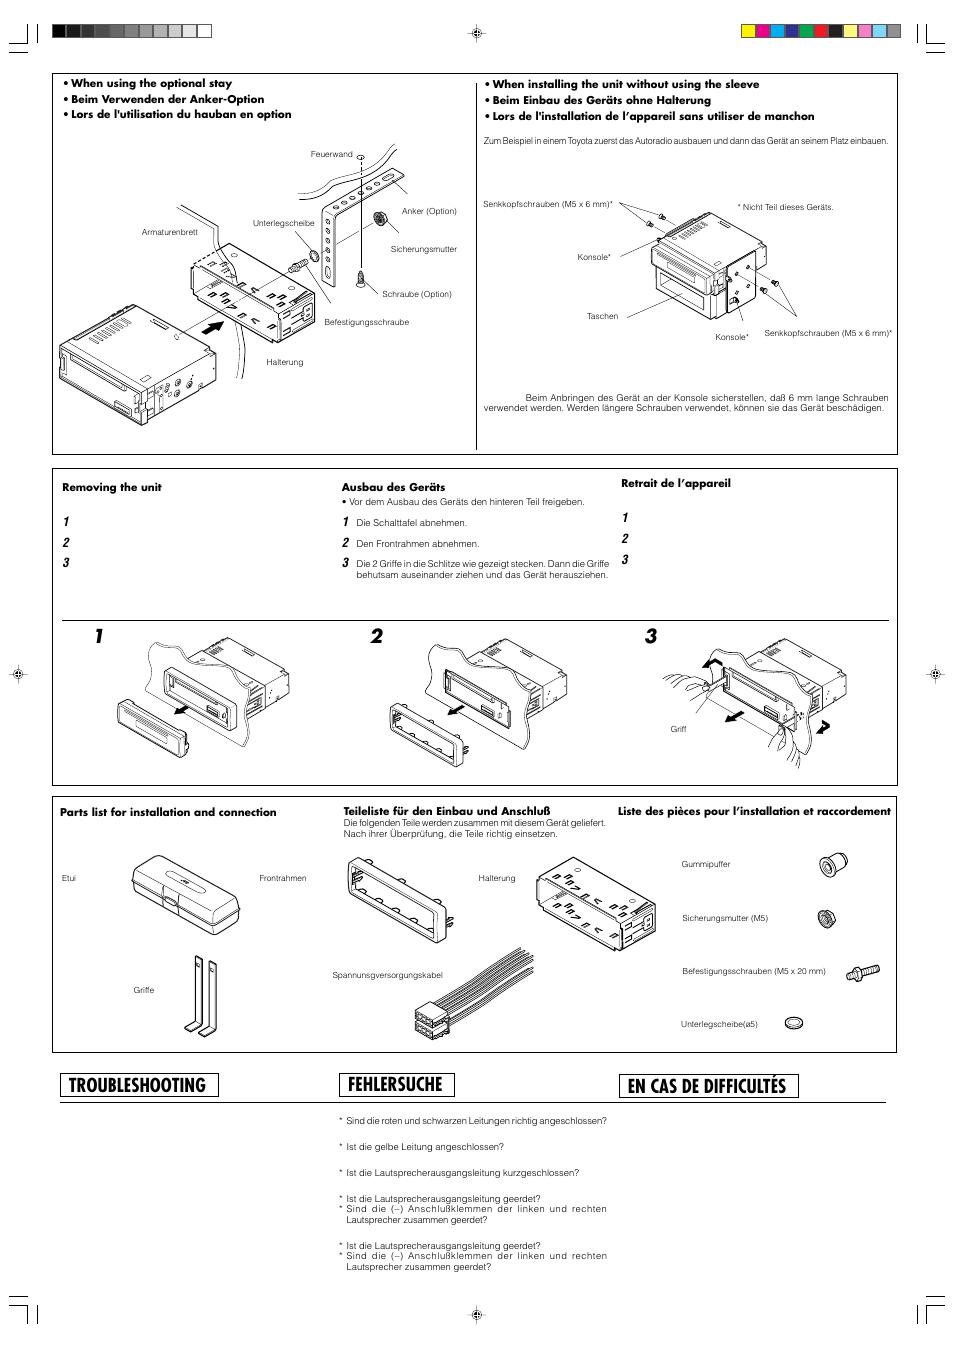 Fehlersuche, Troubleshooting, En cas de difficultés | JVC KD-S676R User  Manual |